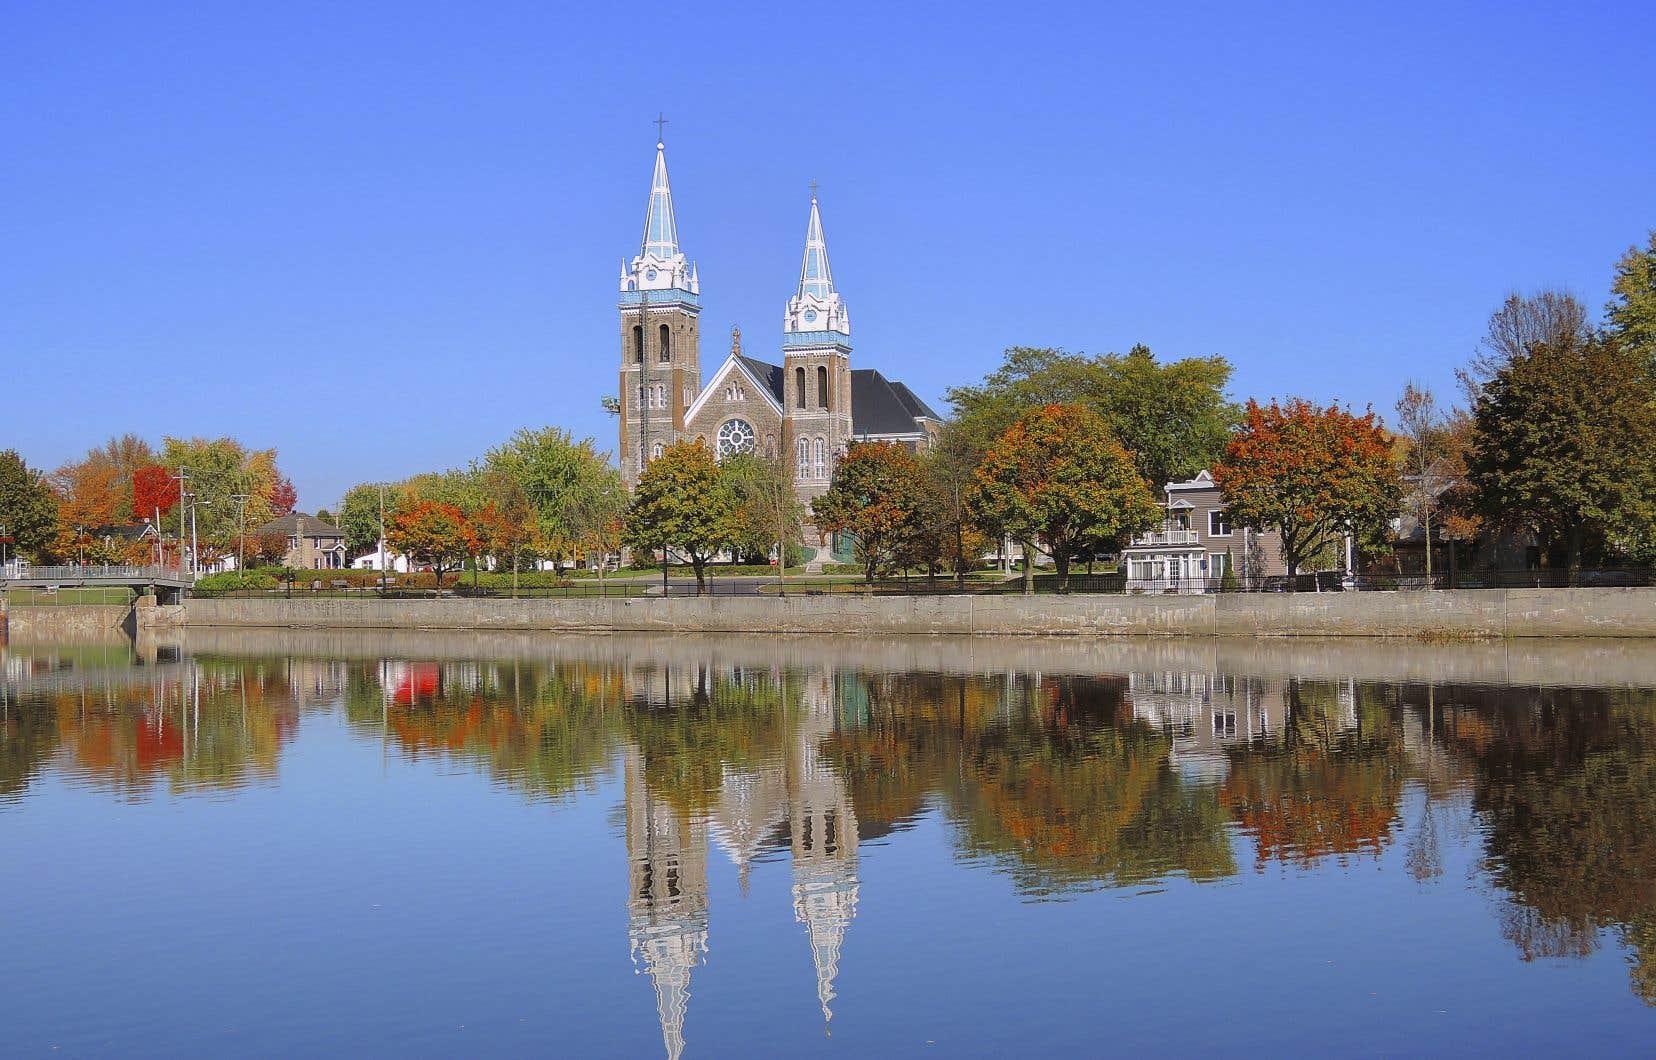 Il y a près de 3000 églises au Québec, et une quarantaine d'entre elles ferment leurs portes chaque année, selon le directeur du Conseil du patrimoine religieux du Québec.